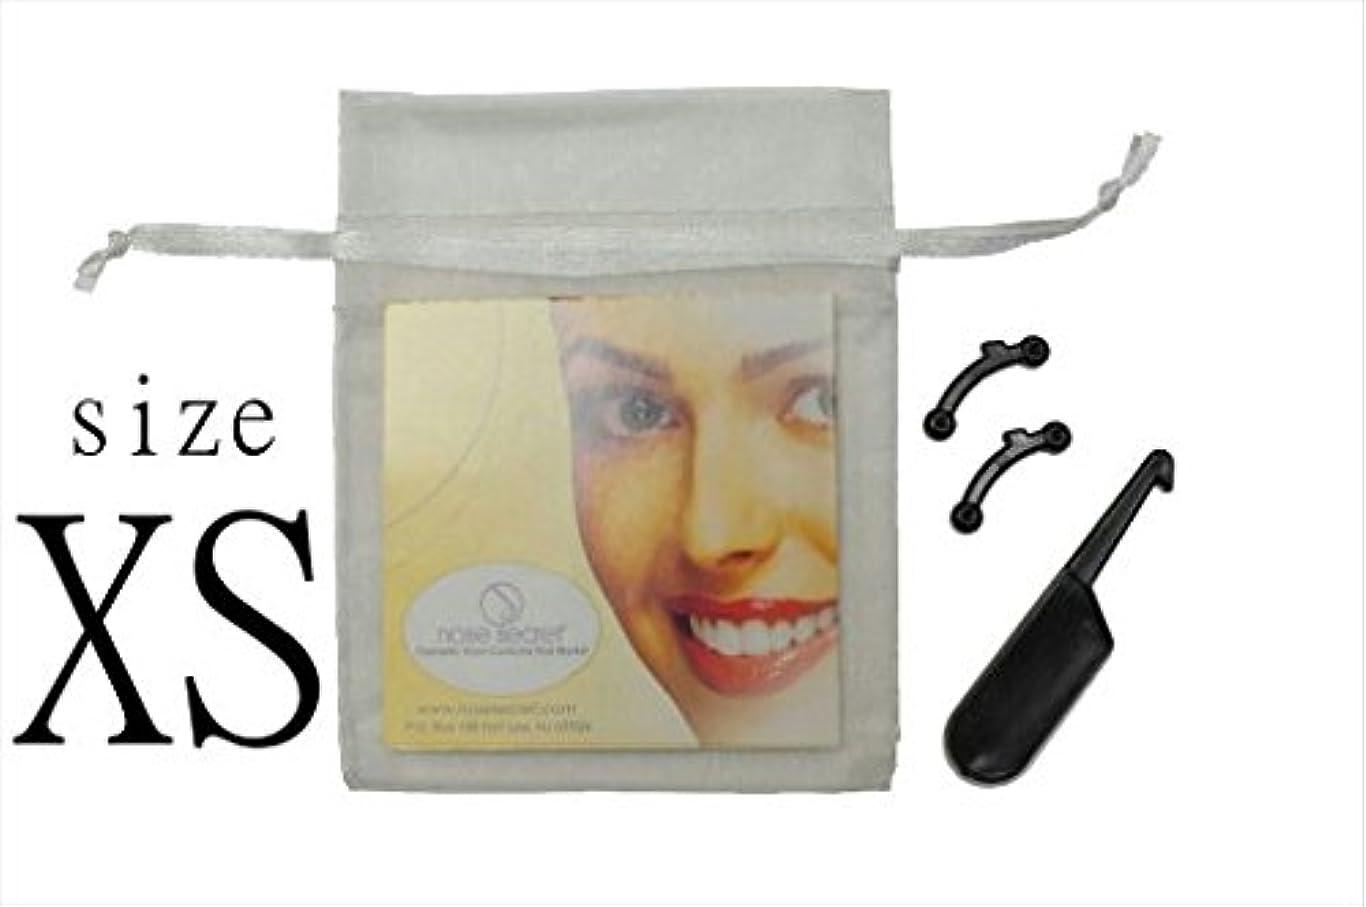 ご注意時間とともにサバント日本語説明書付 鼻プチ! ノーズシークレット サイズ 「XS」 正規品 アメリカ製 NOSE SECRET 社製 鼻のアイプチ 手術不要で鼻が高くなる!